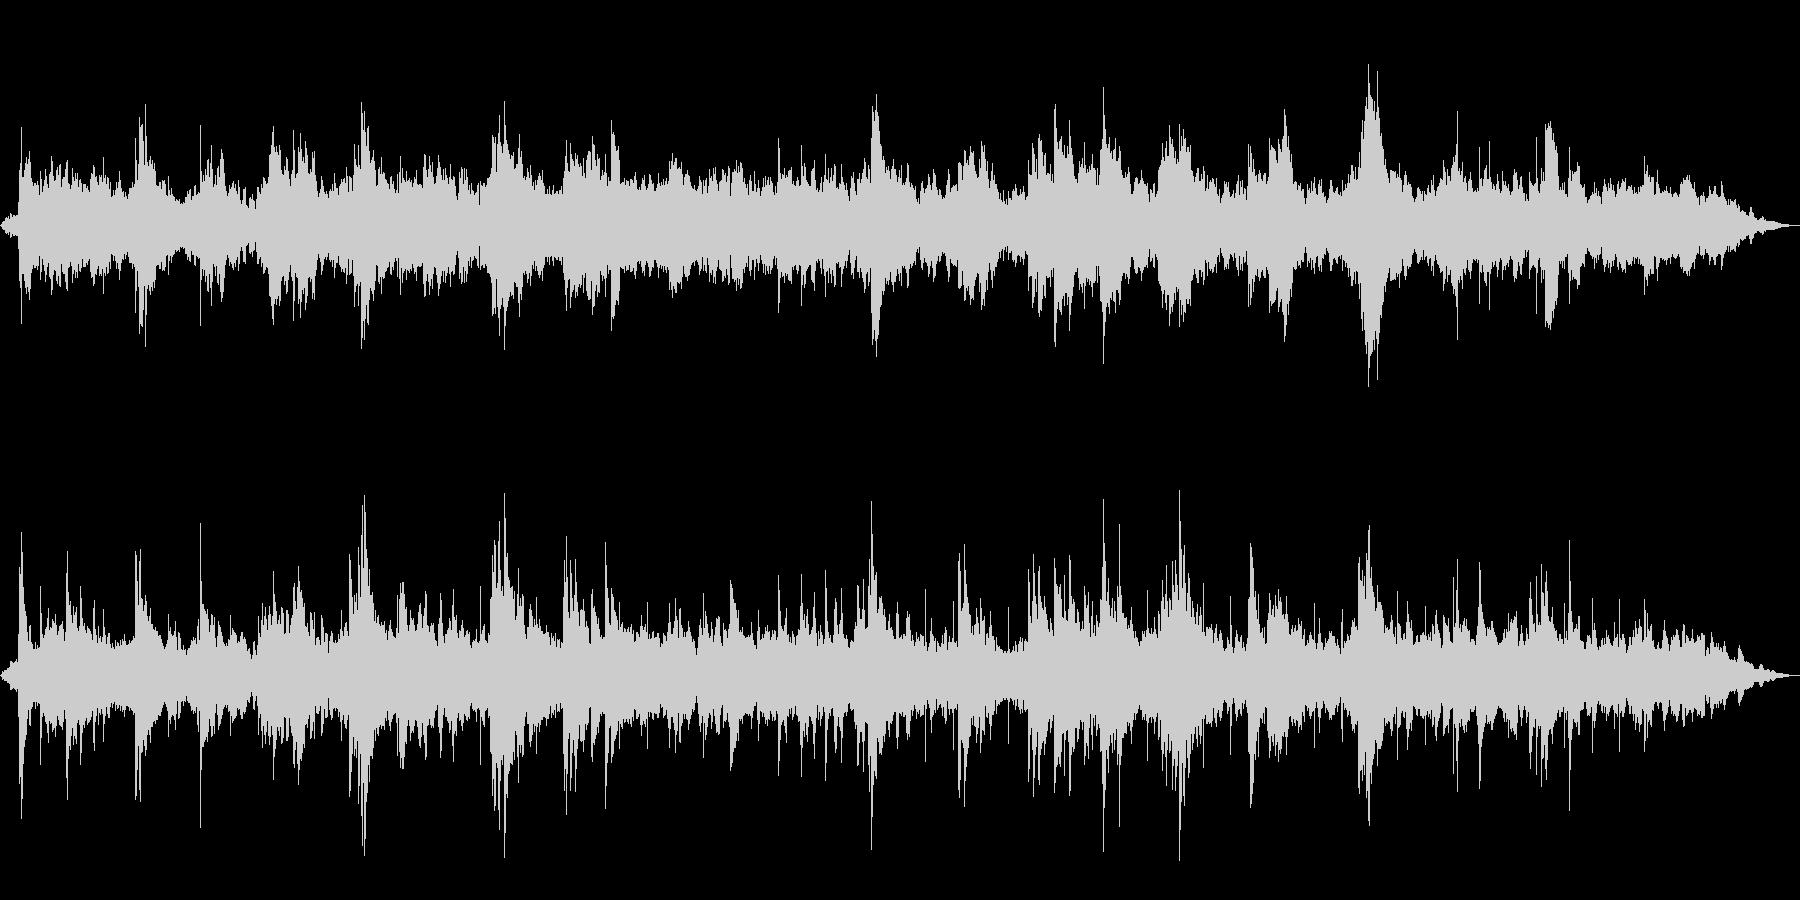 広がりあるアンビエントピアノの未再生の波形